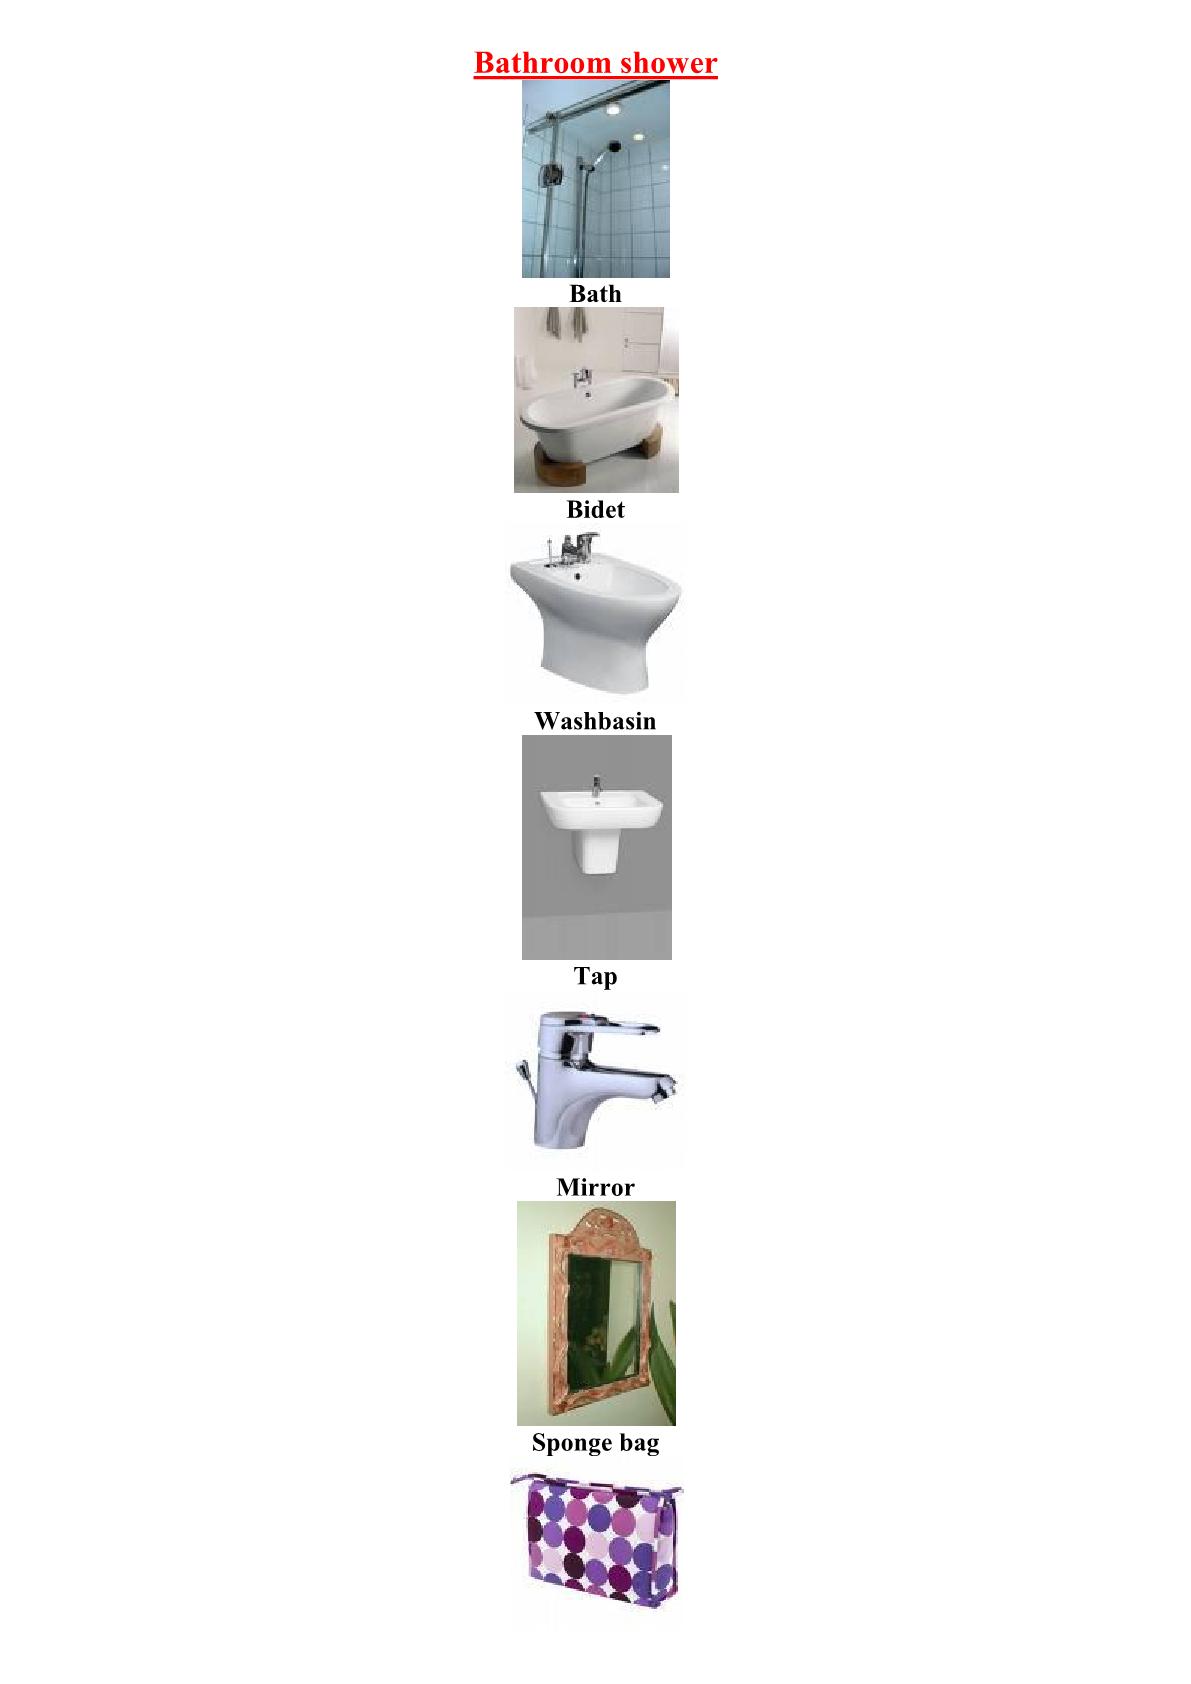 درس Vocabulary: Parts of a Bathroom shower للسنة الثالثة إعدادي